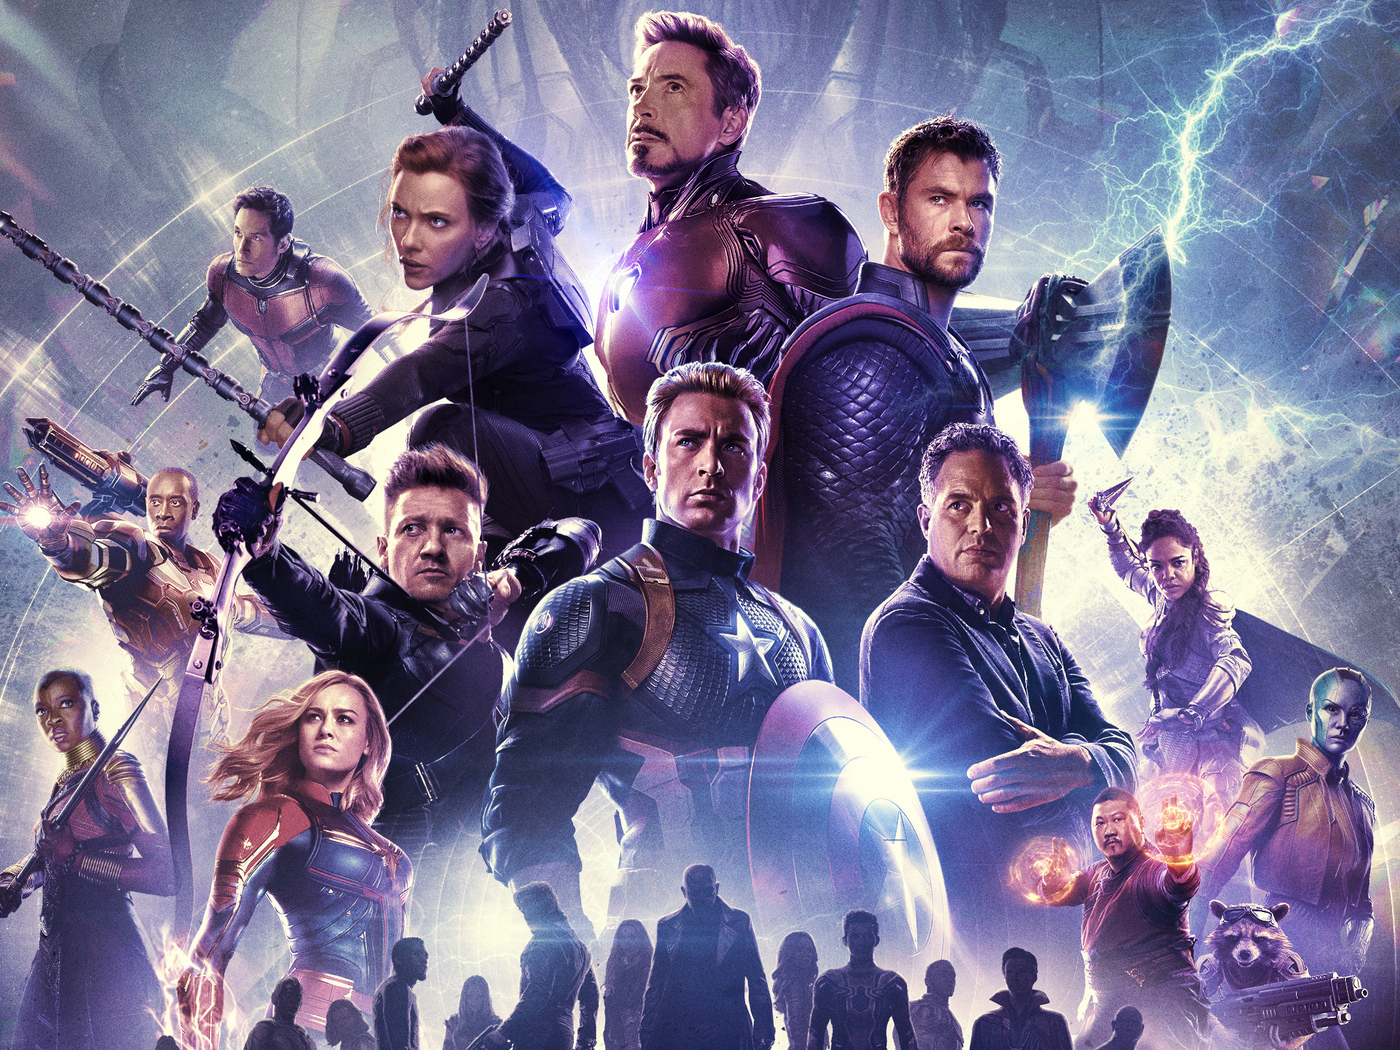 avengers-end-game-new-poster-0r.jpg